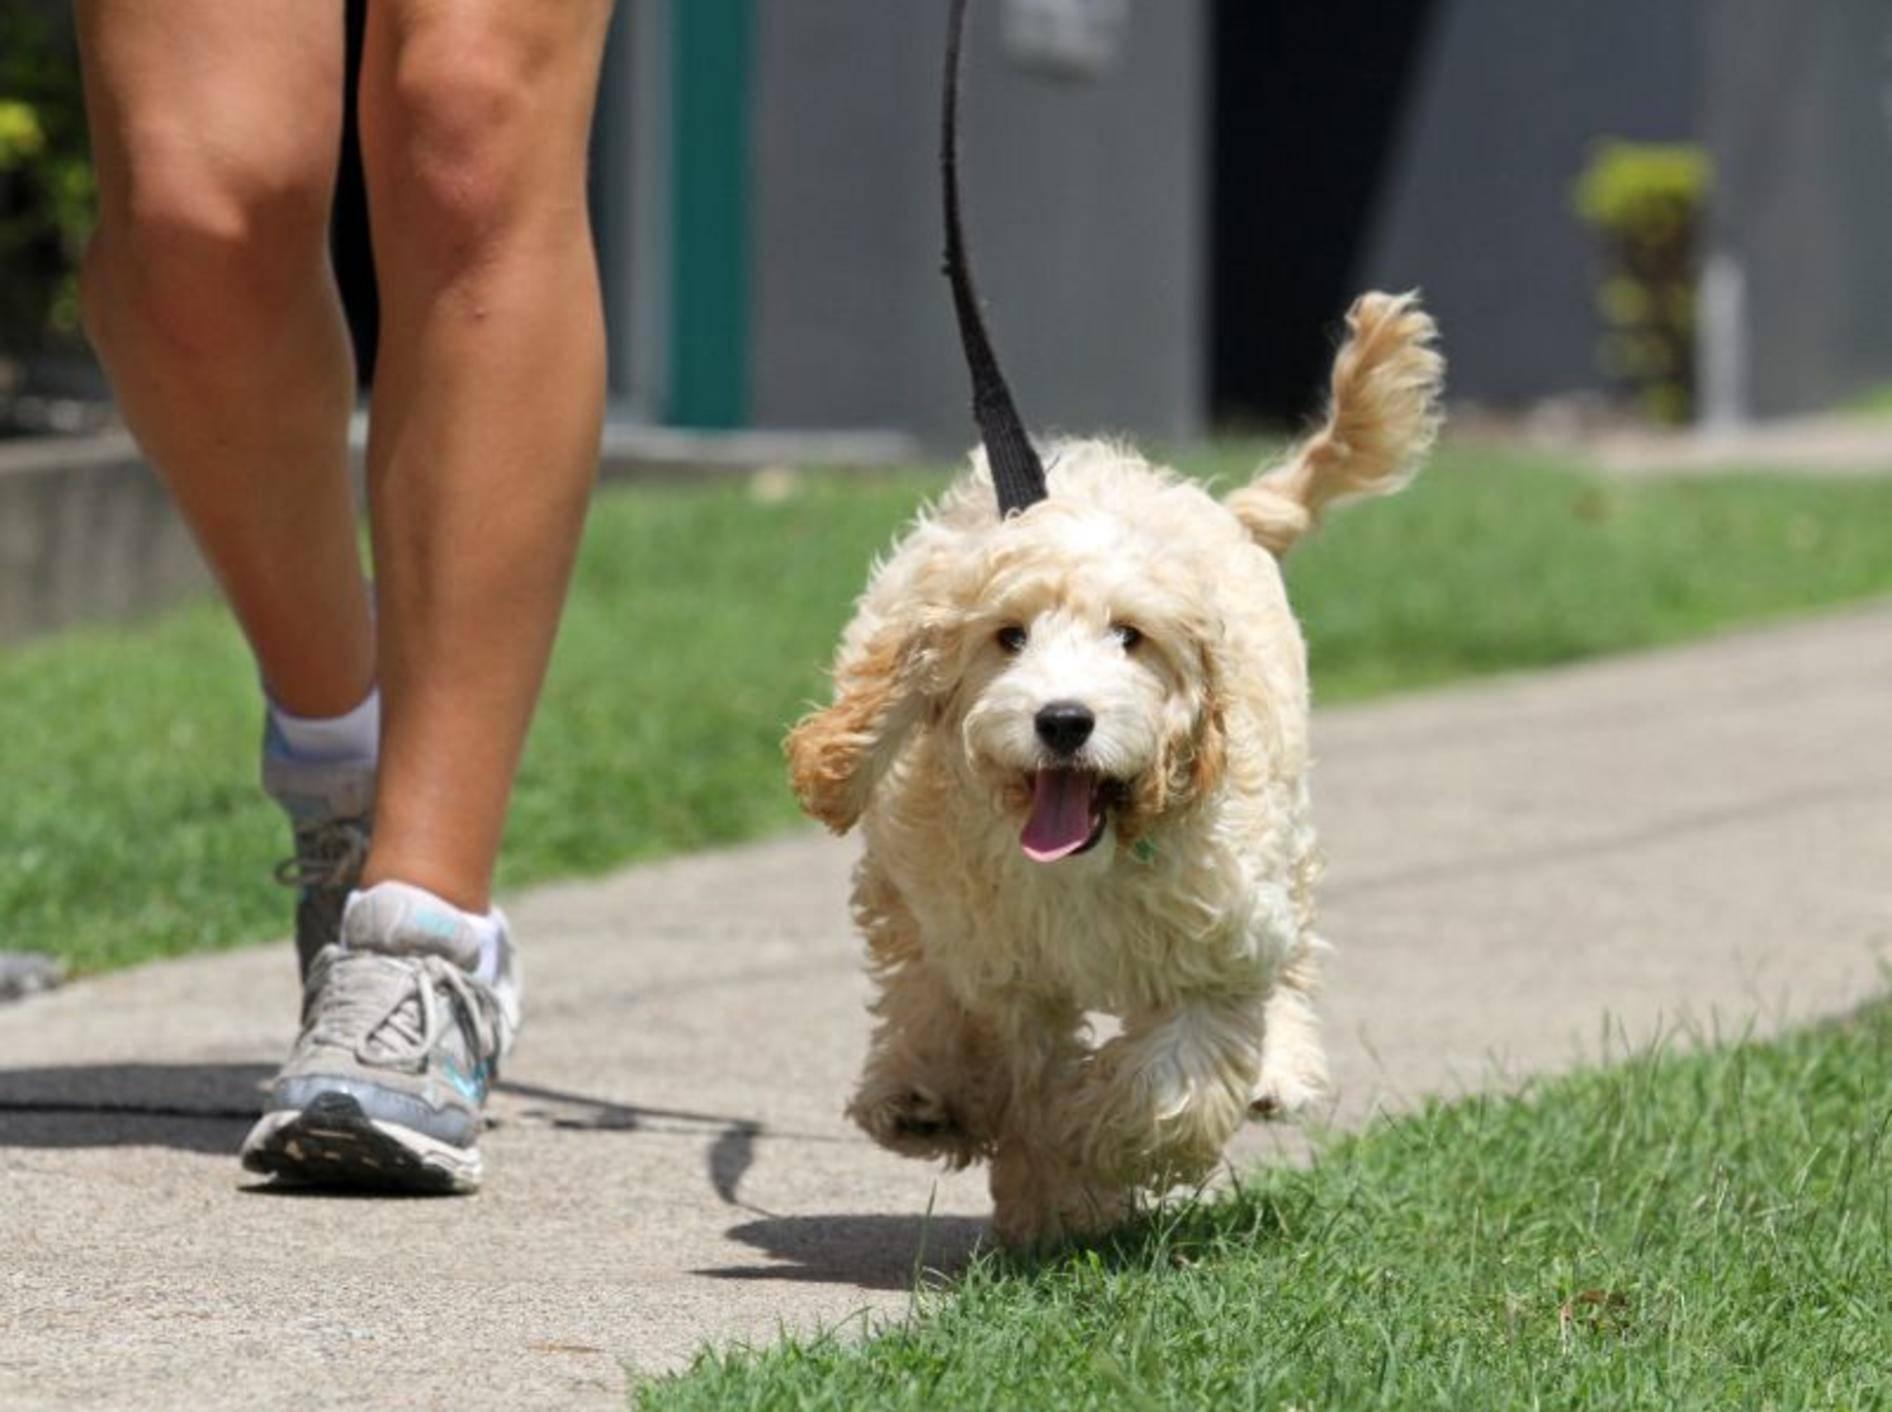 Für die Hundeerziehung braucht es Geduld, Erfahrung und Konsequenz, die sie mit einplanen sollten.